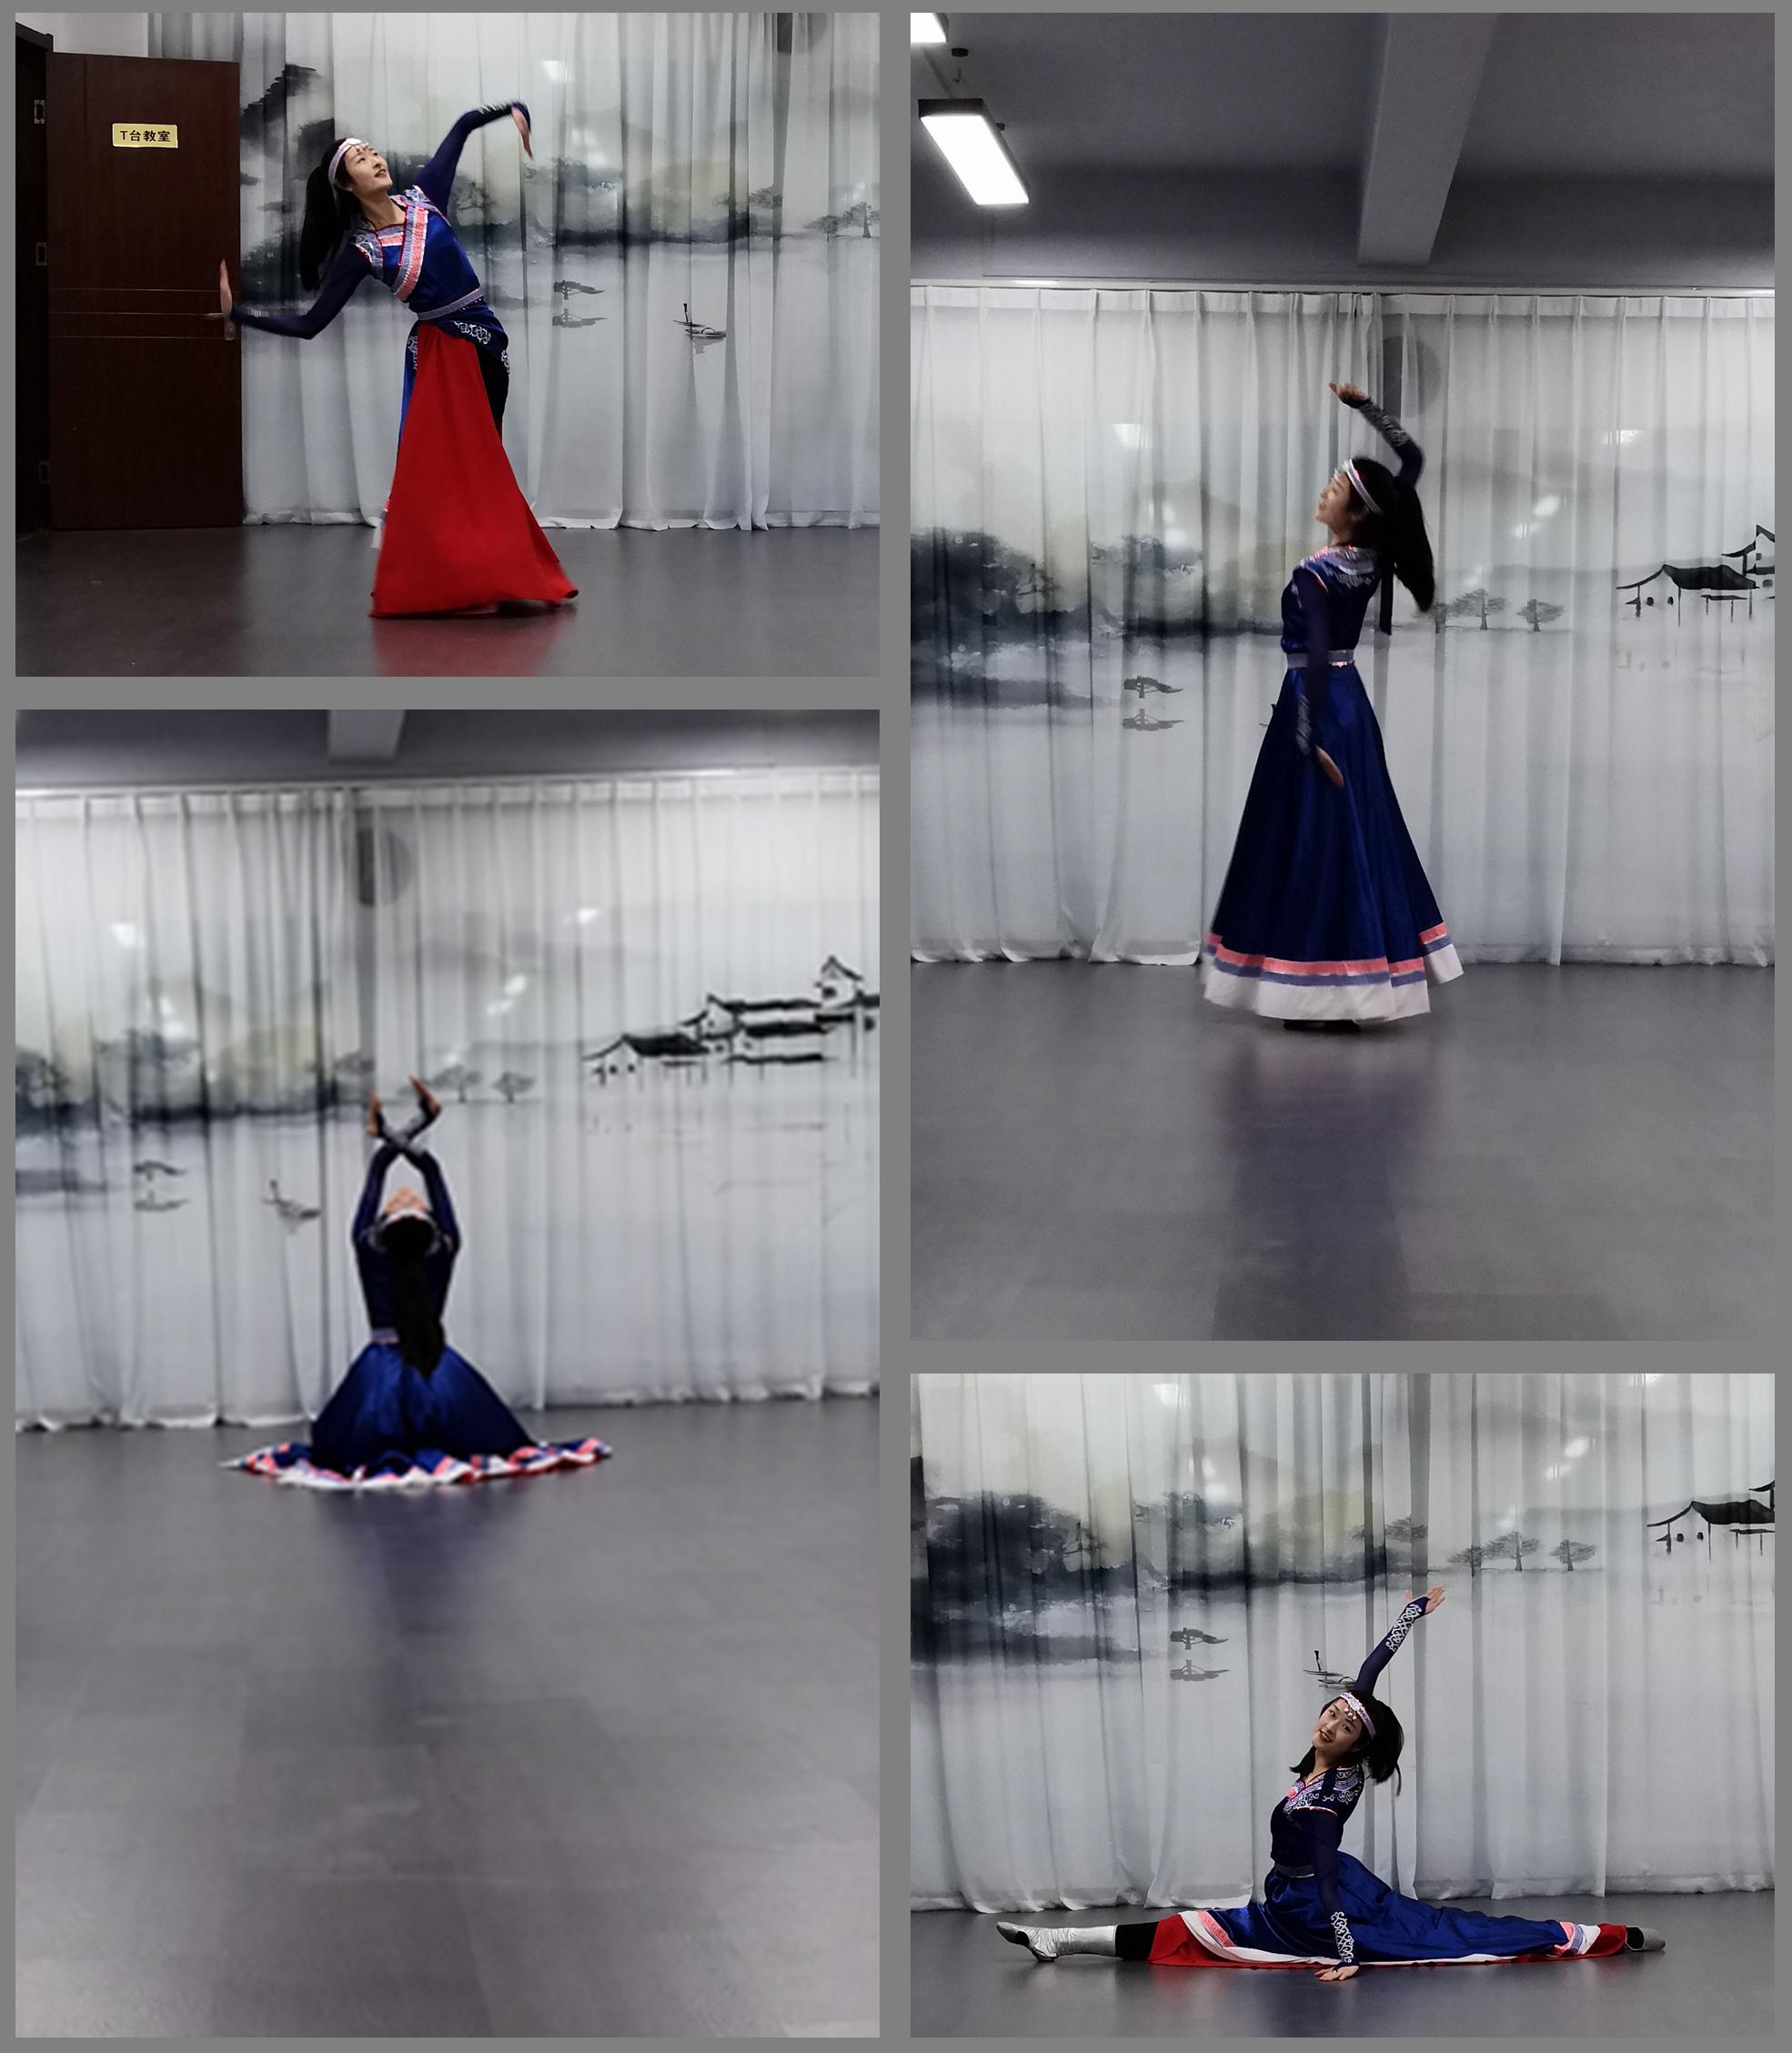 c (1)精彩的舞蹈才艺,博人眼球